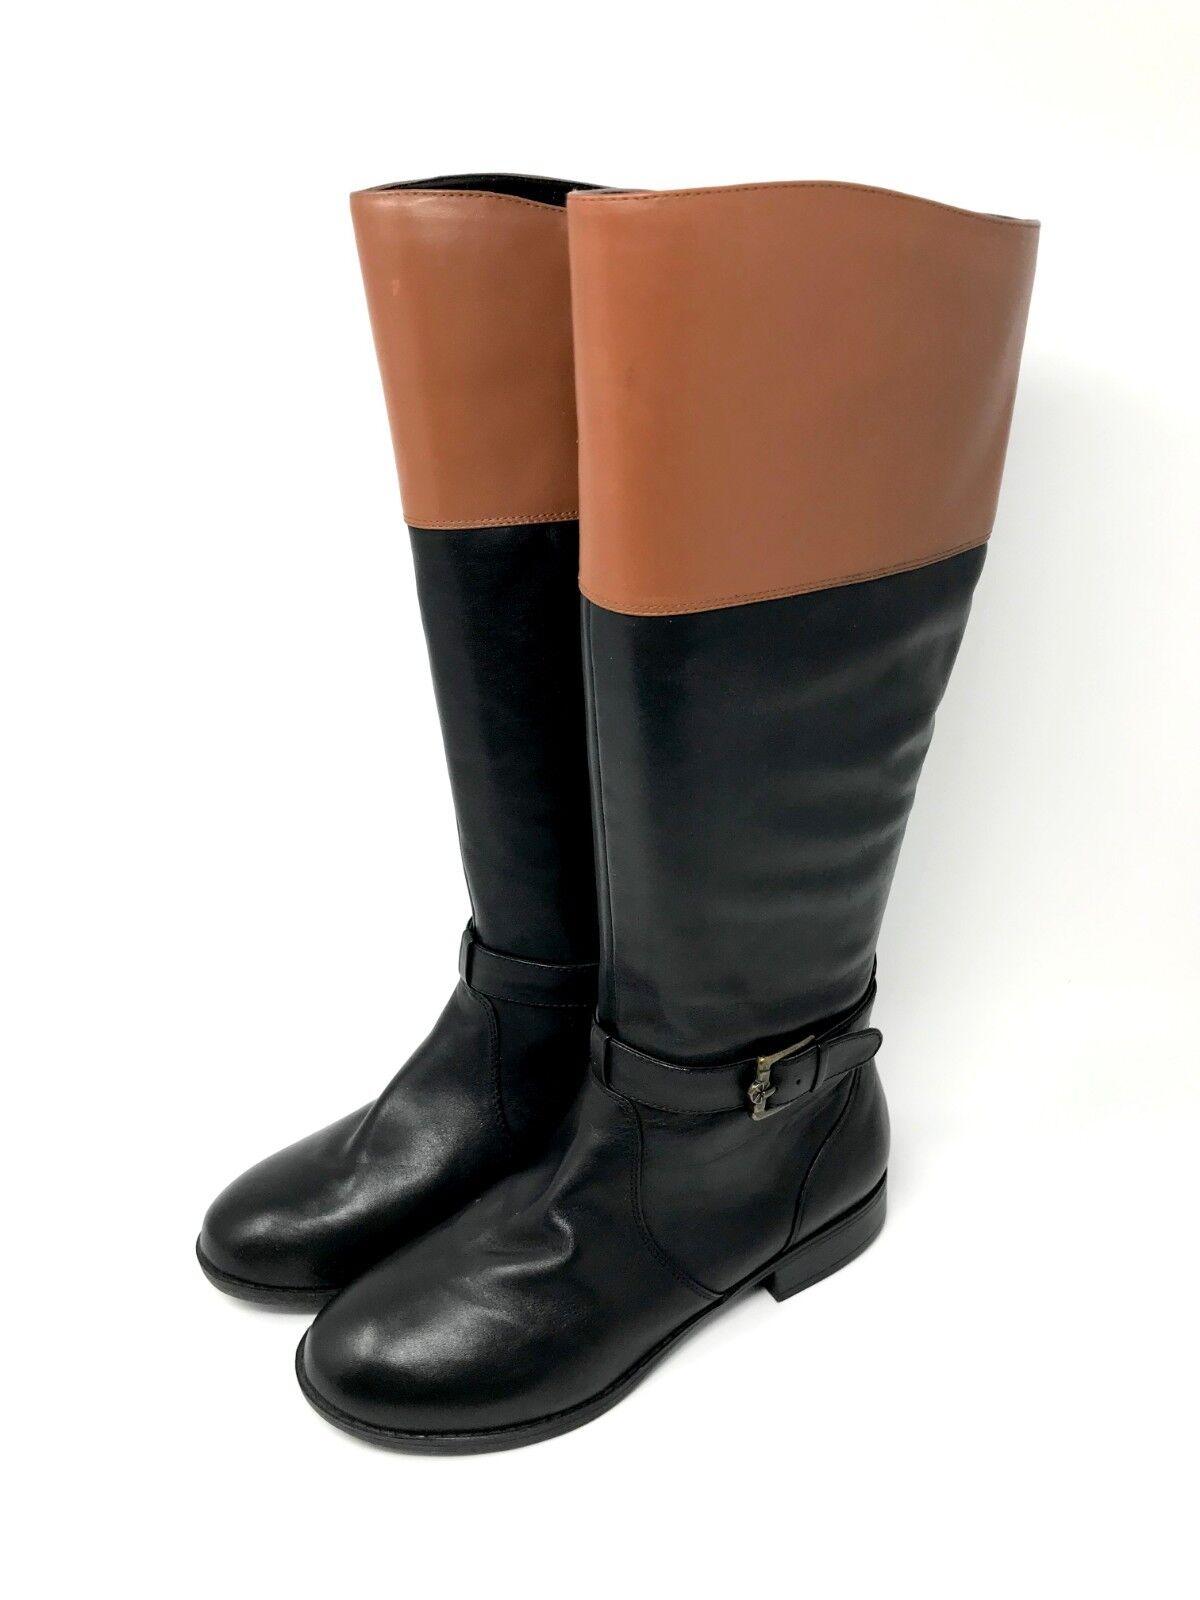 Isaac Mizrahi Live  de dos tonos tonos tonos de cuero botas de montar, negro y bronceado, tamaño 6W, Nuevo En Caja  precio al por mayor